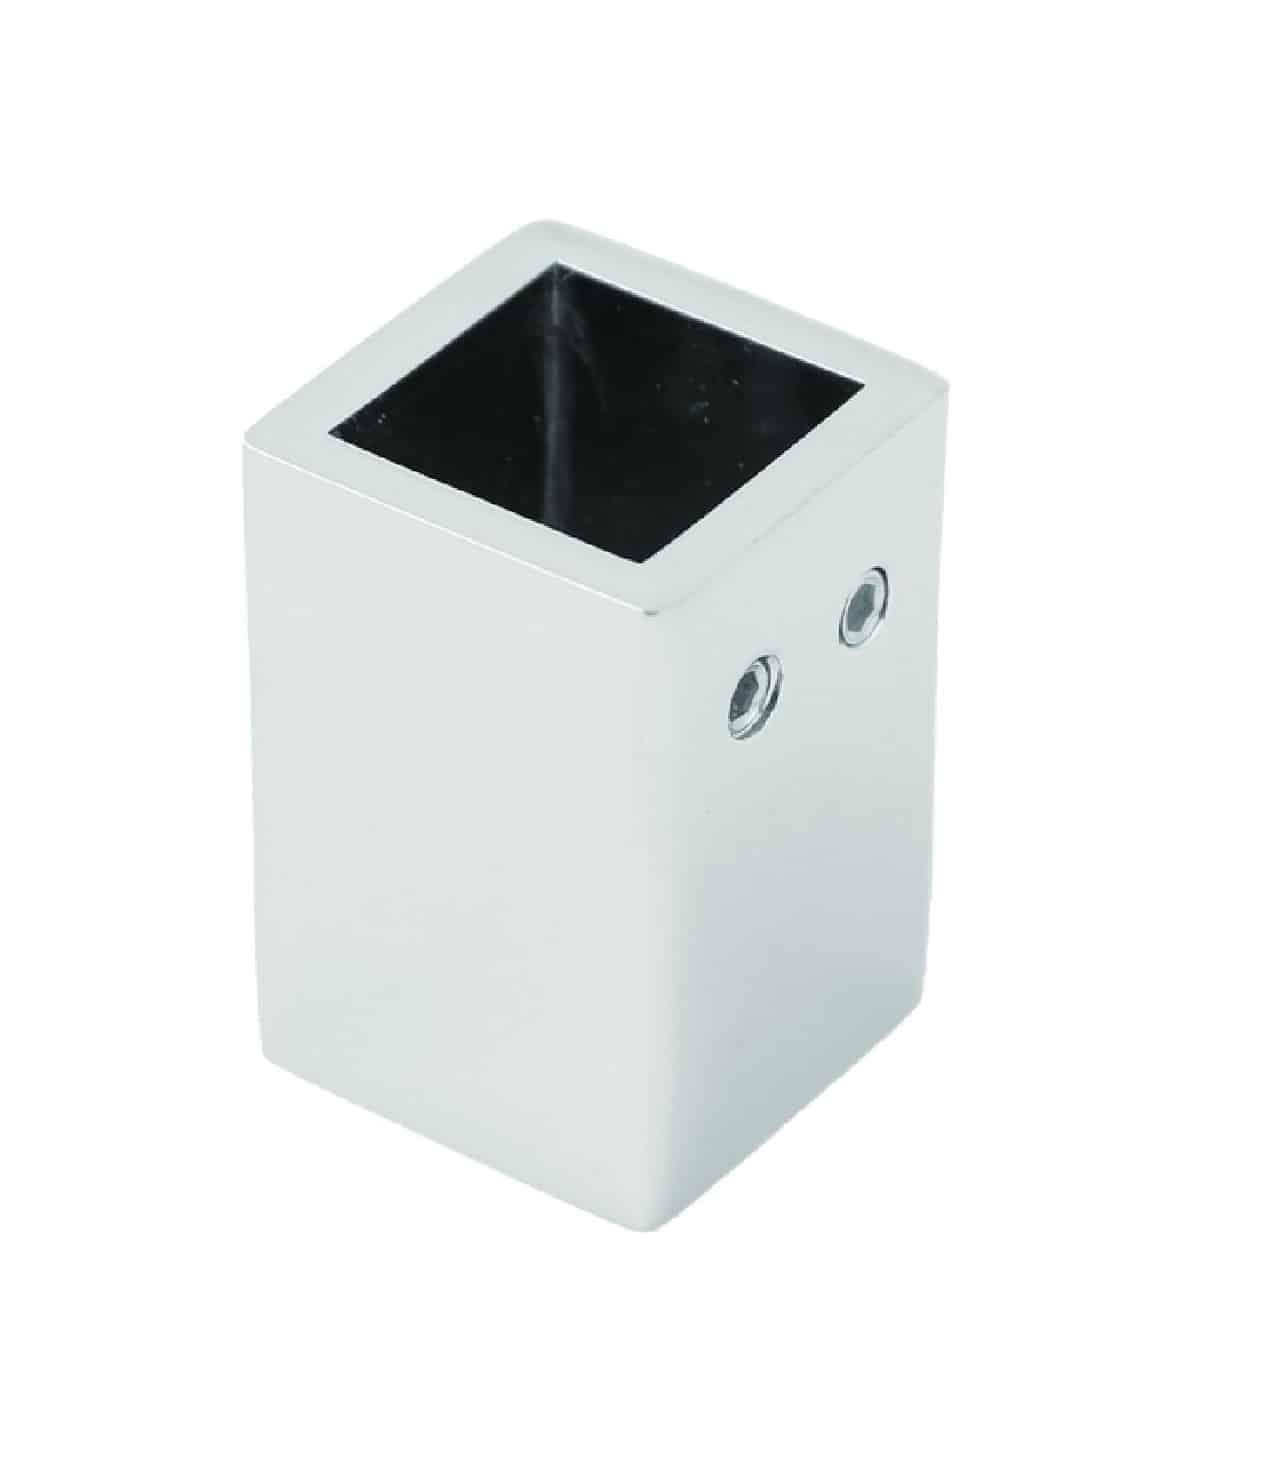 Stabilizatory kwadratowe do kabiny prysznicowej